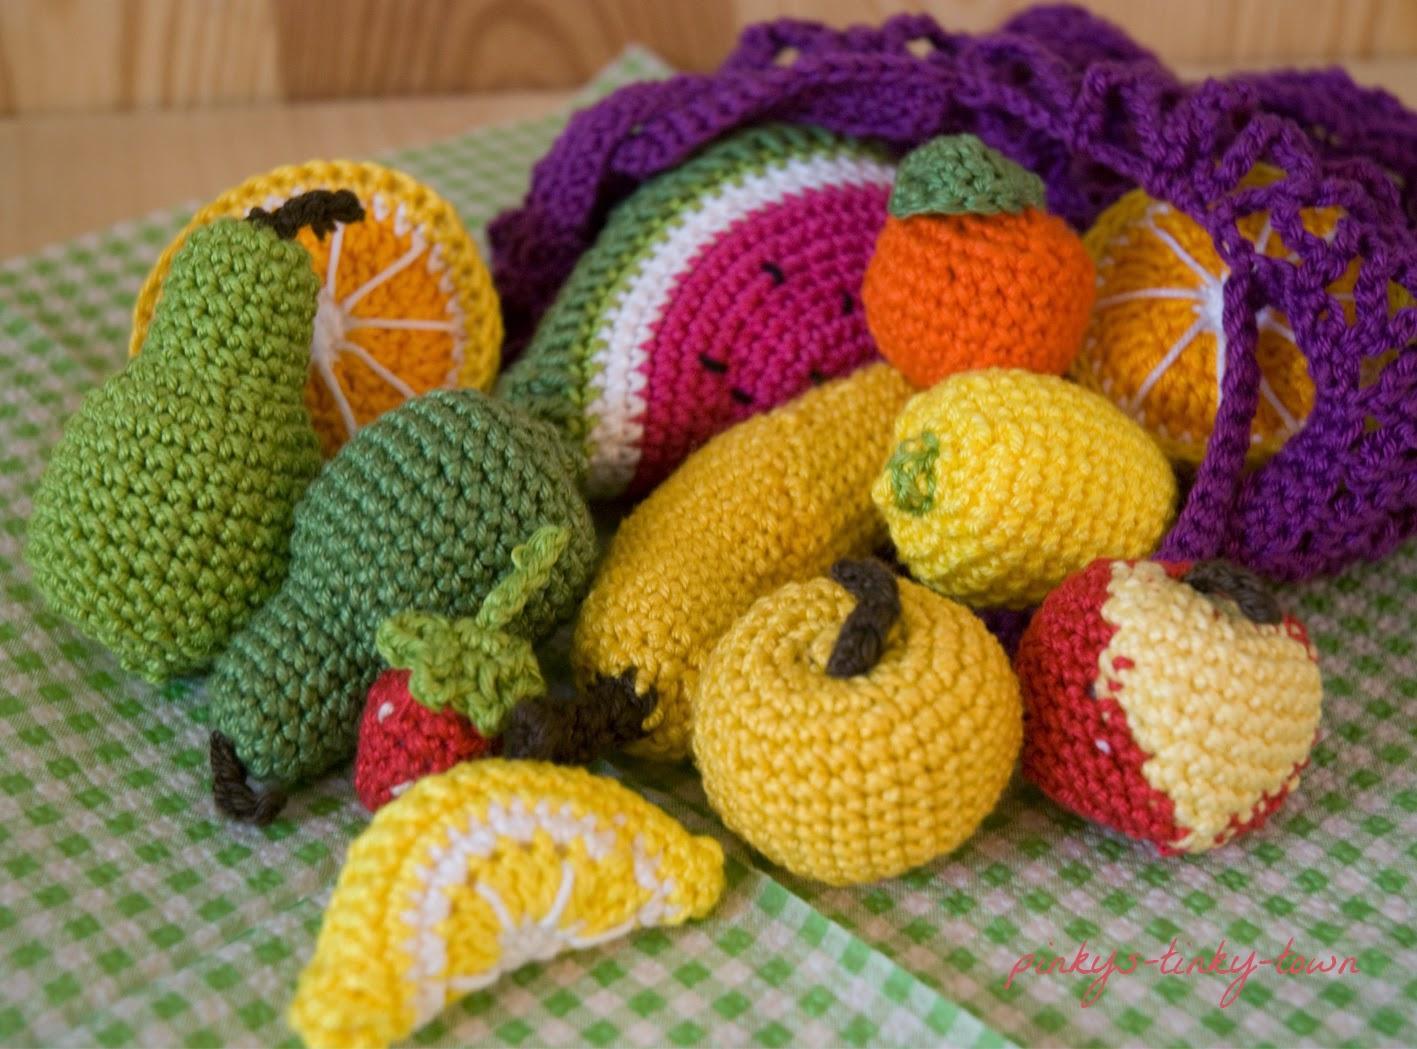 Früchte Häkeln Anleitung Kostenlos Kientruchome